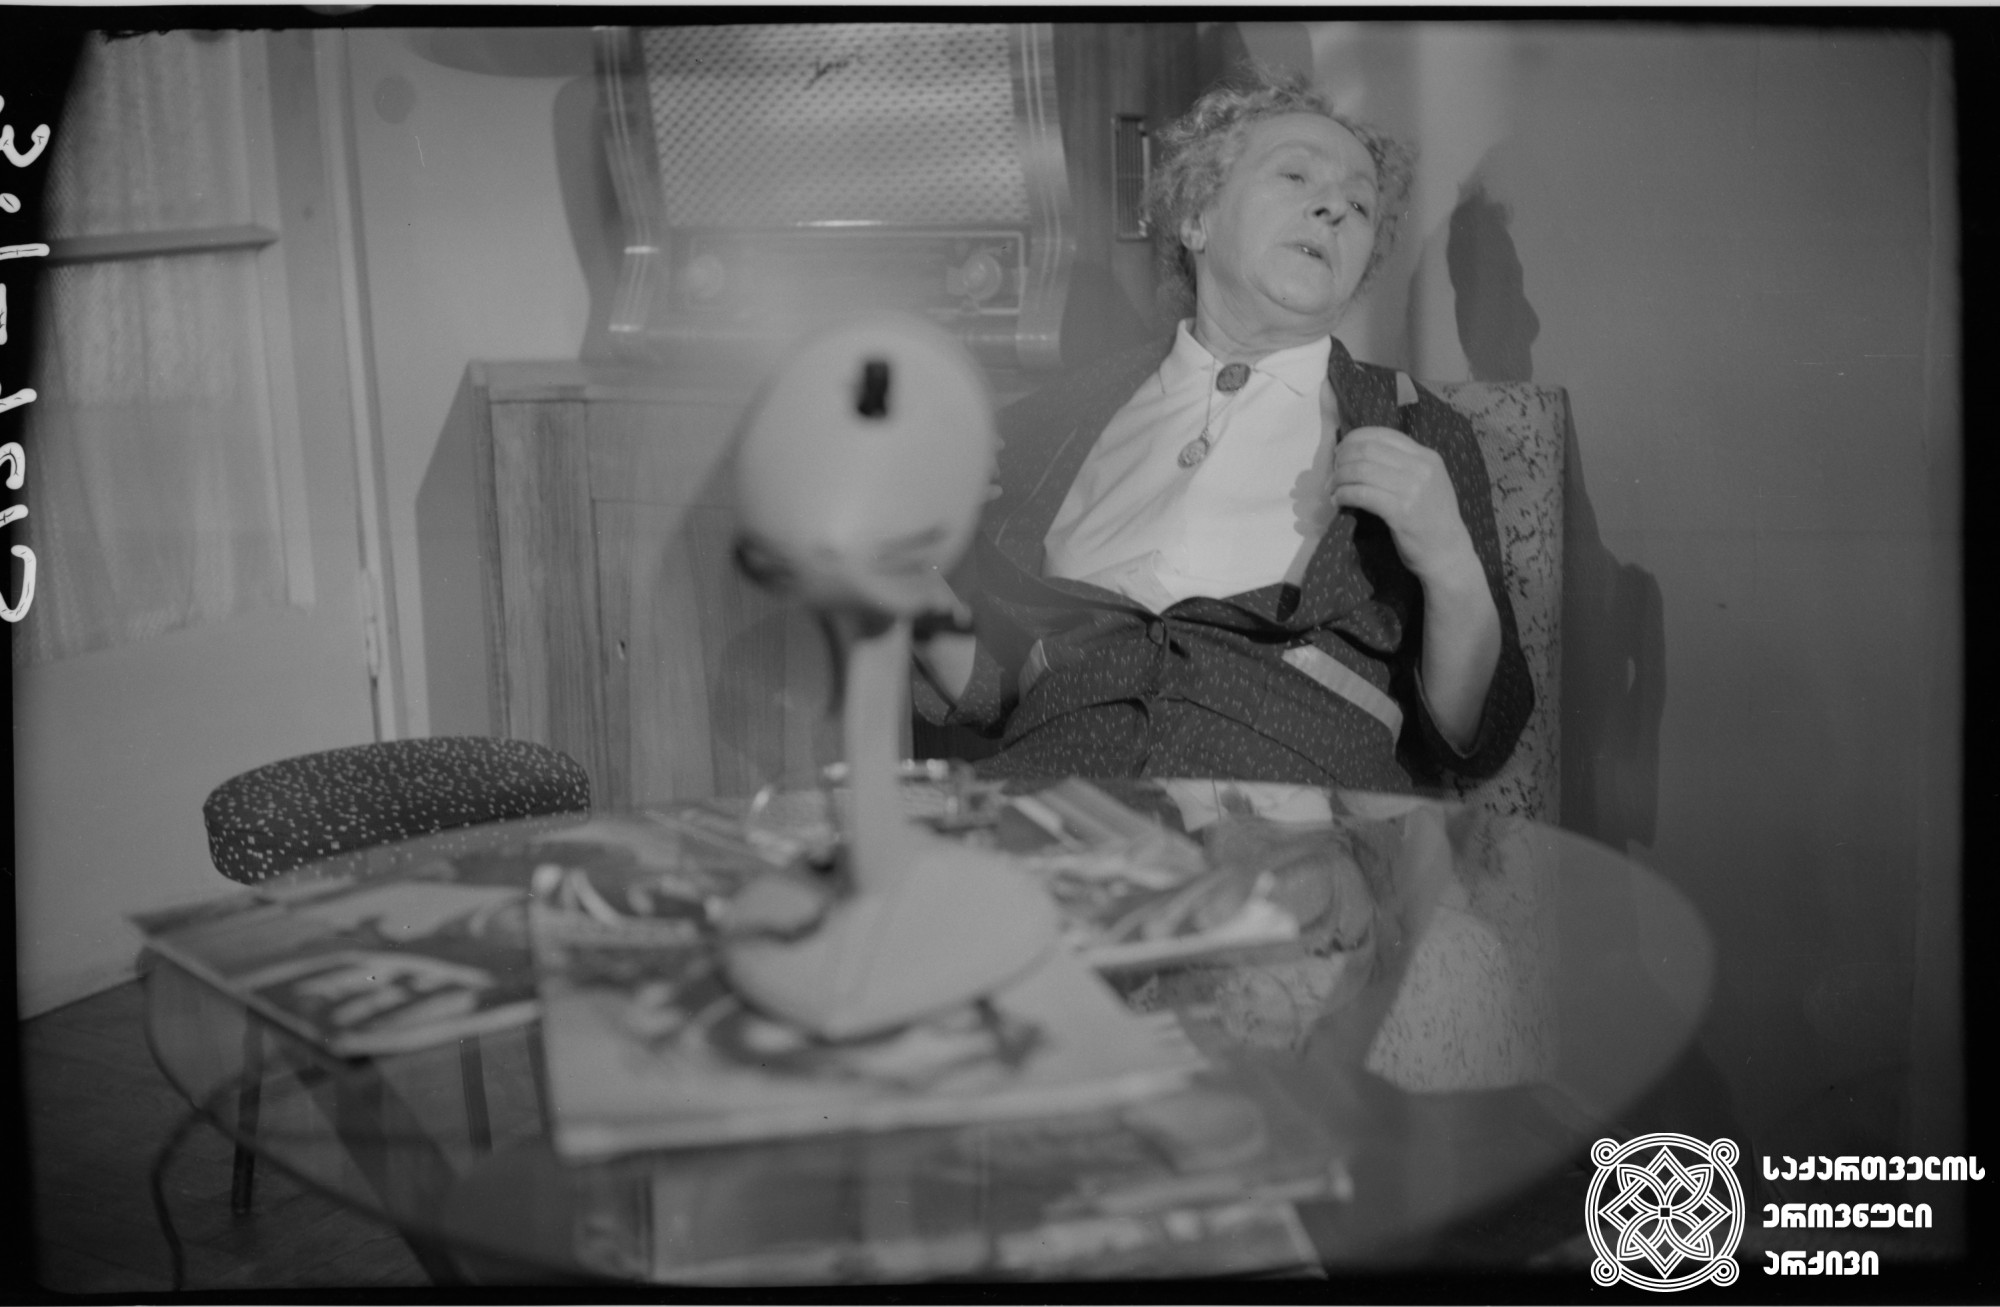 """მხატვრული ფილმი """"თოჯინები იცინიან"""", მსახიობი  სესილია თაყაიშვილი გადასაღებ მოედანზე  რეჟისორი: ნიკოლოზ სანიშვილი 1962  Feature film """"Toys are Laughing"""", actress Sesilia Takaishvili on the filming location  Director: Nikoloz Sanishvili 1962"""